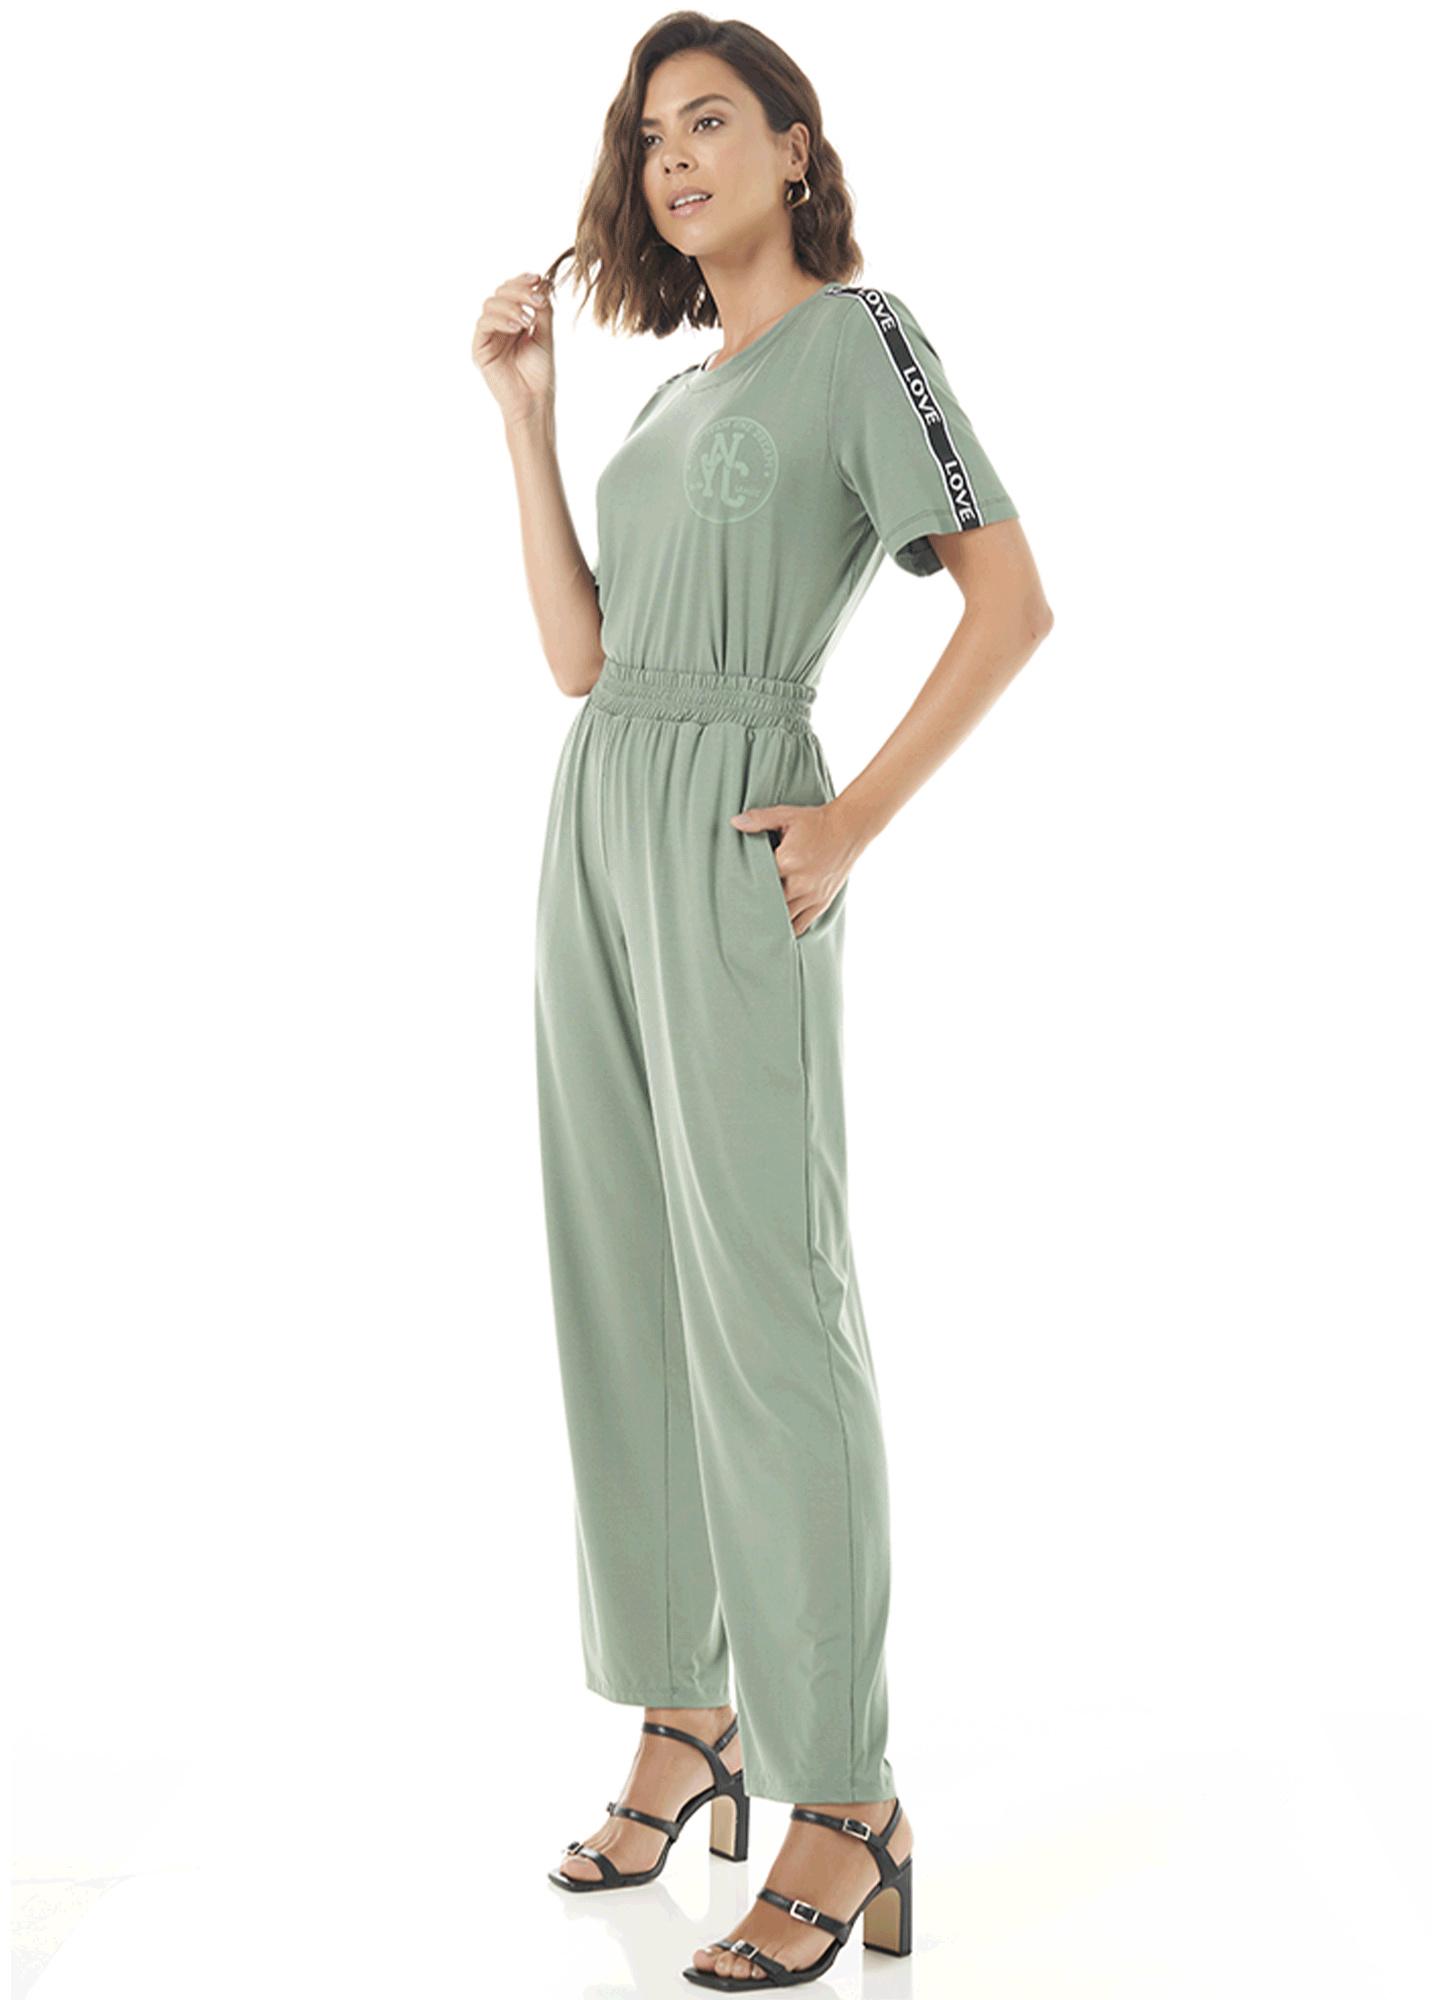 Calça Slim Feminina Viscose Verde Bolso na Frente Cós de Elástico